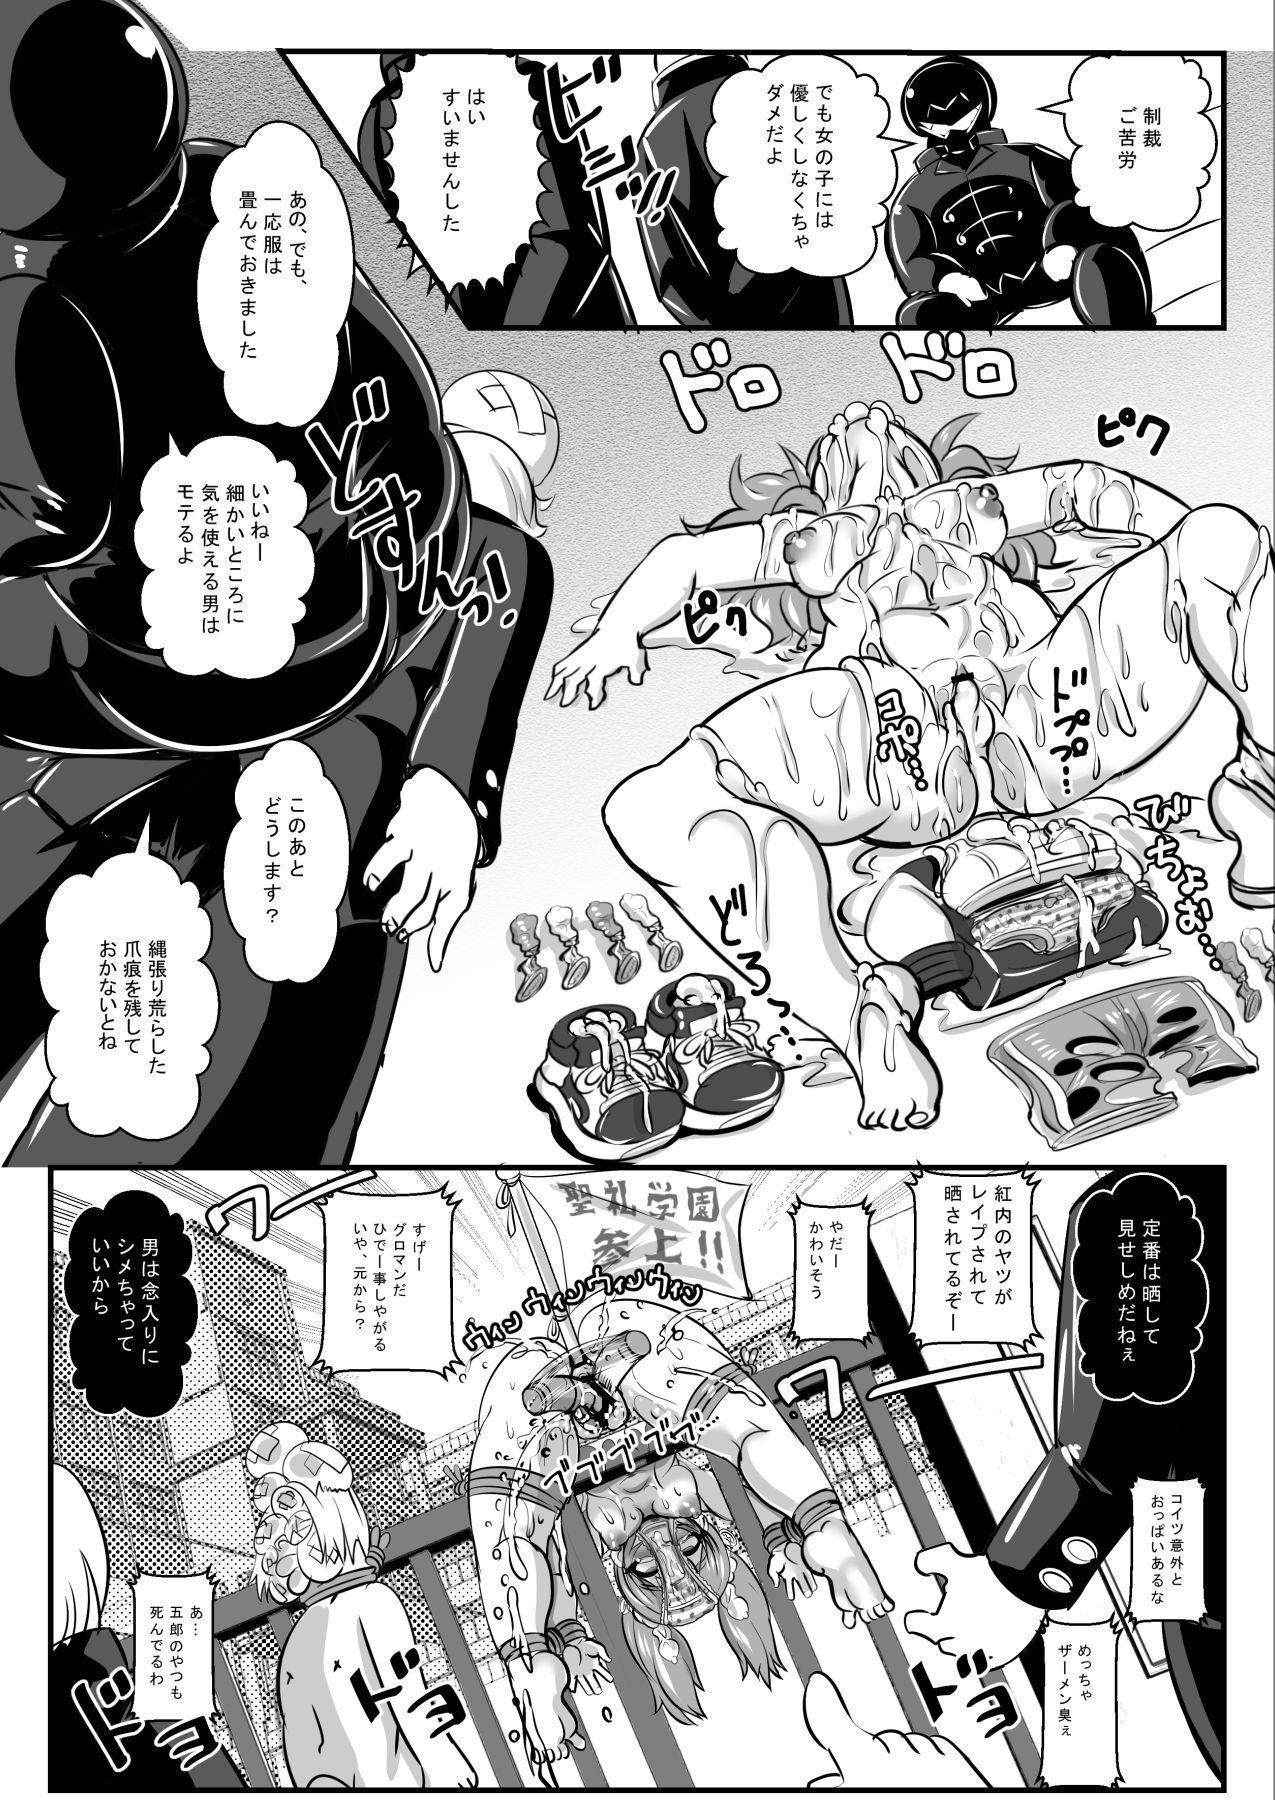 """Furyou Toubatsu Seitokai """"Haiboku Seisai"""" 15"""